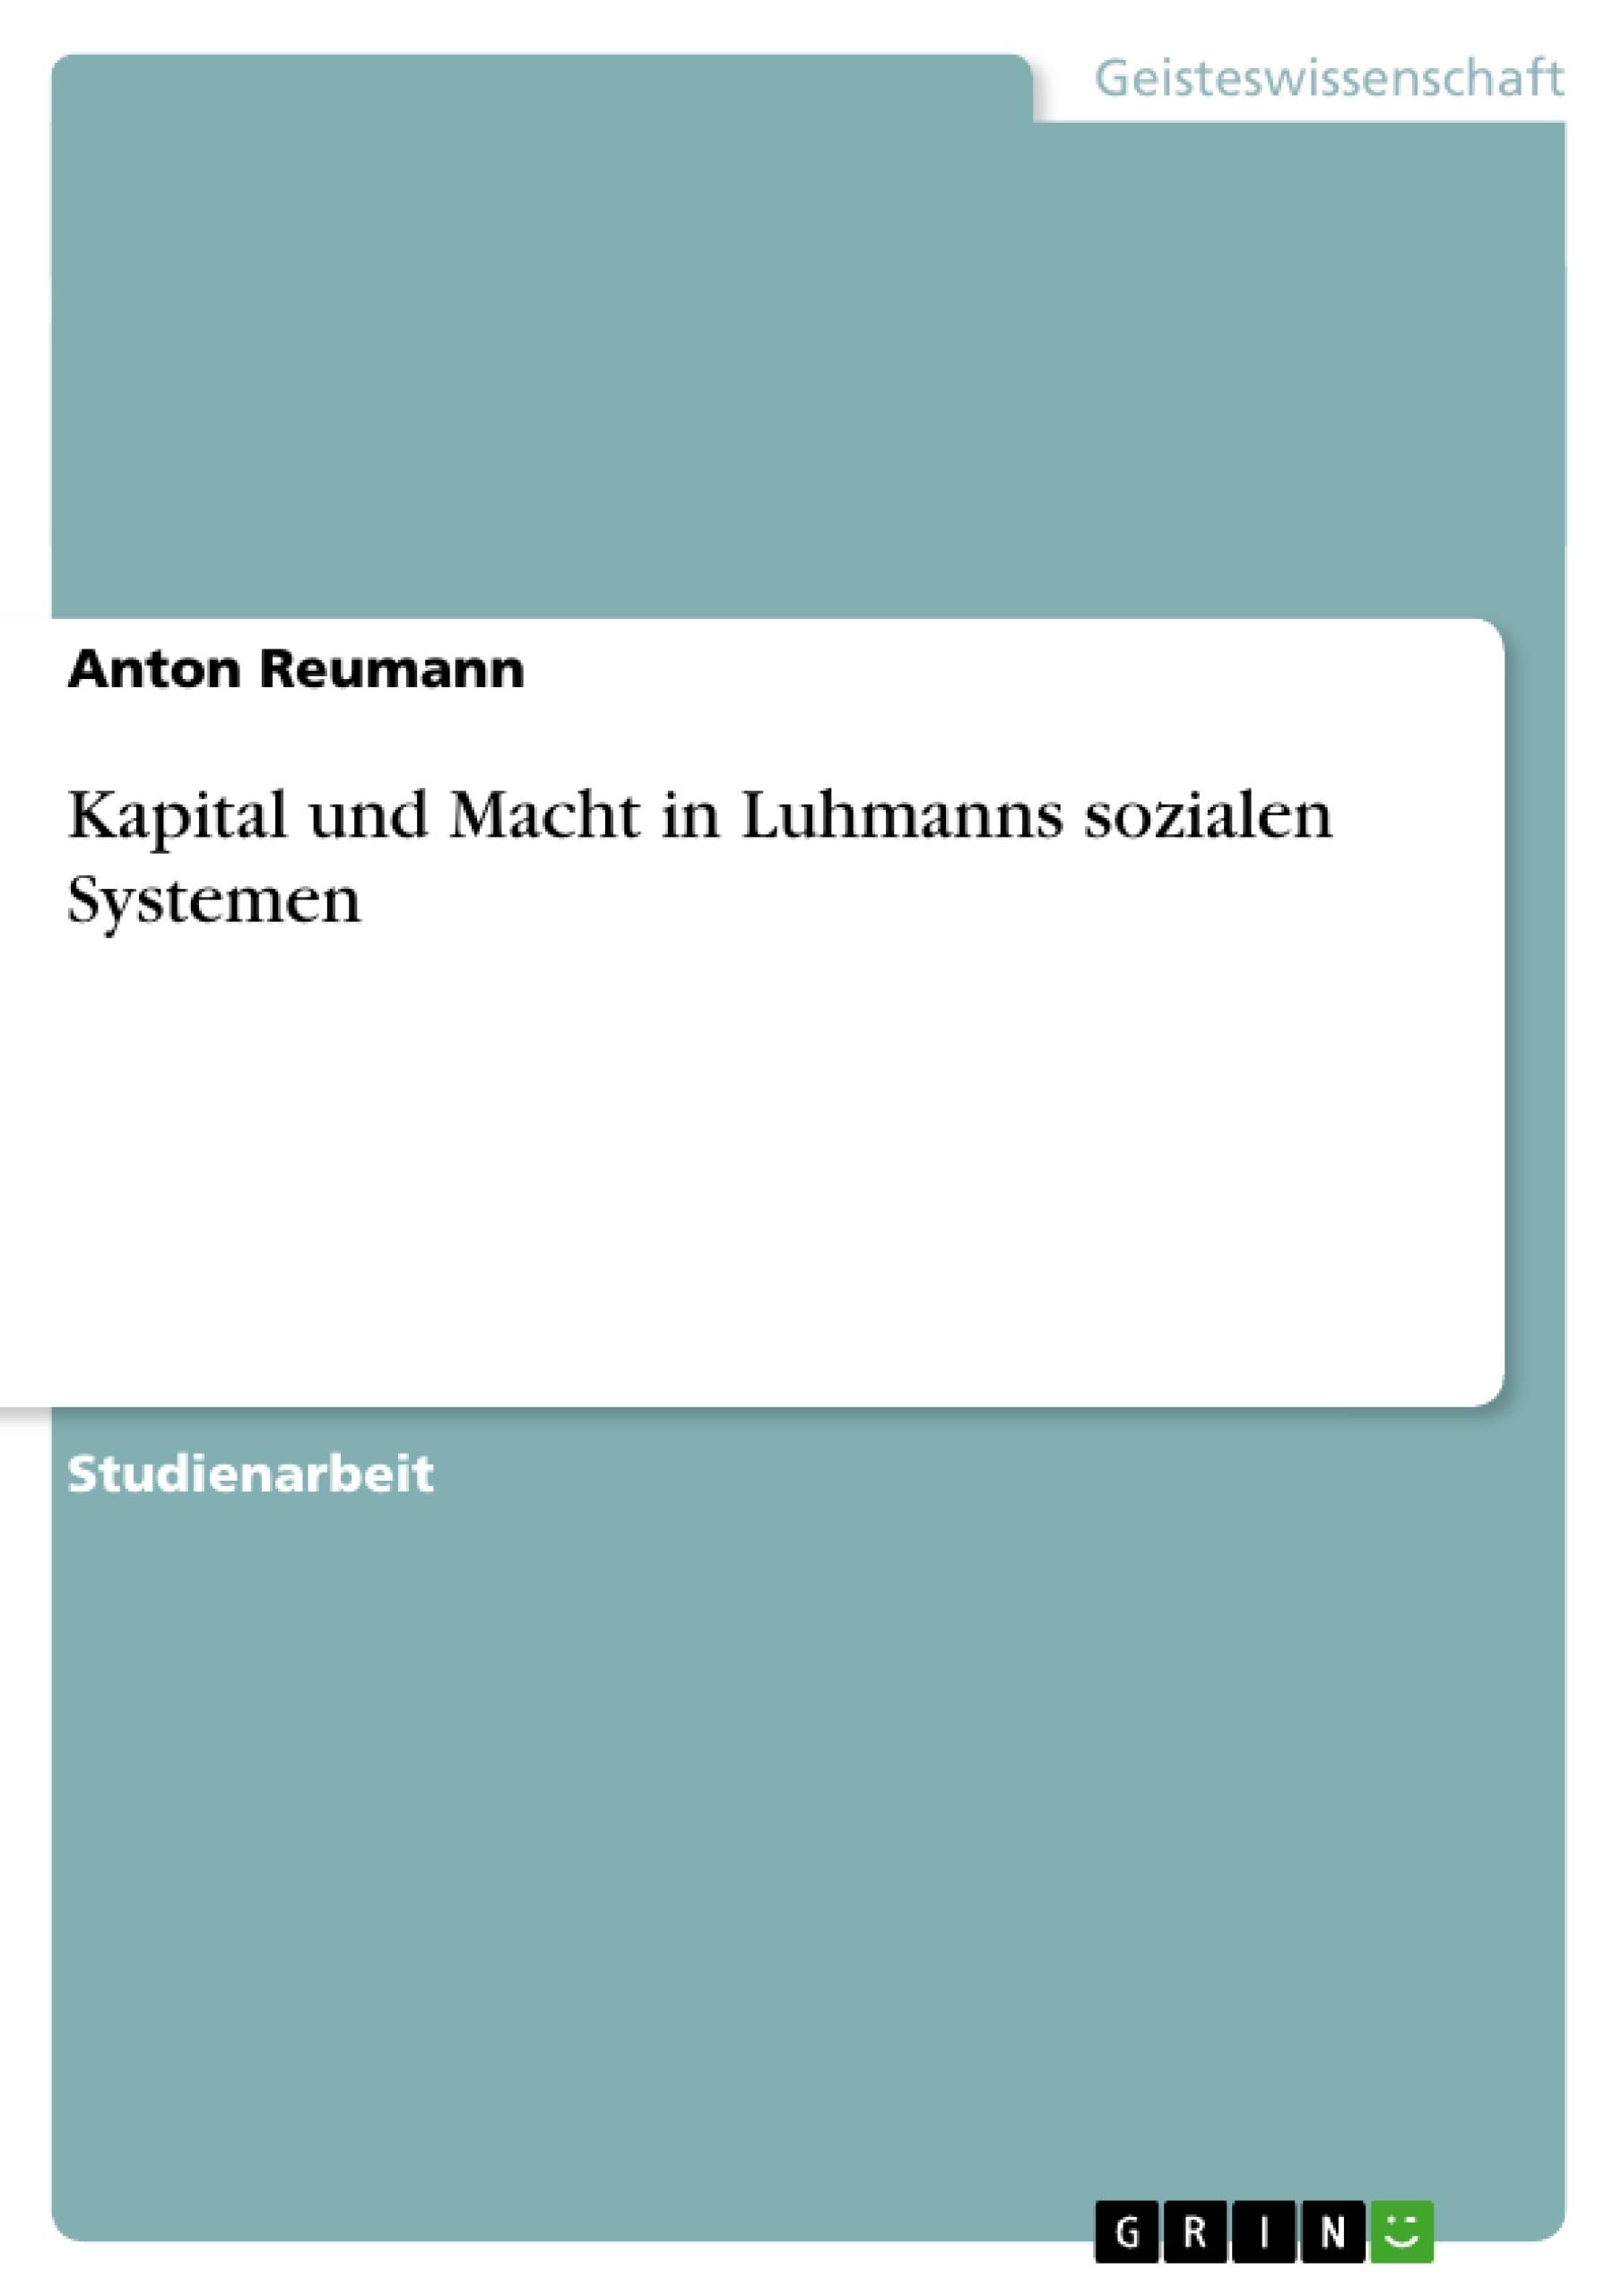 Titel: Kapital und Macht in Luhmanns sozialen Systemen